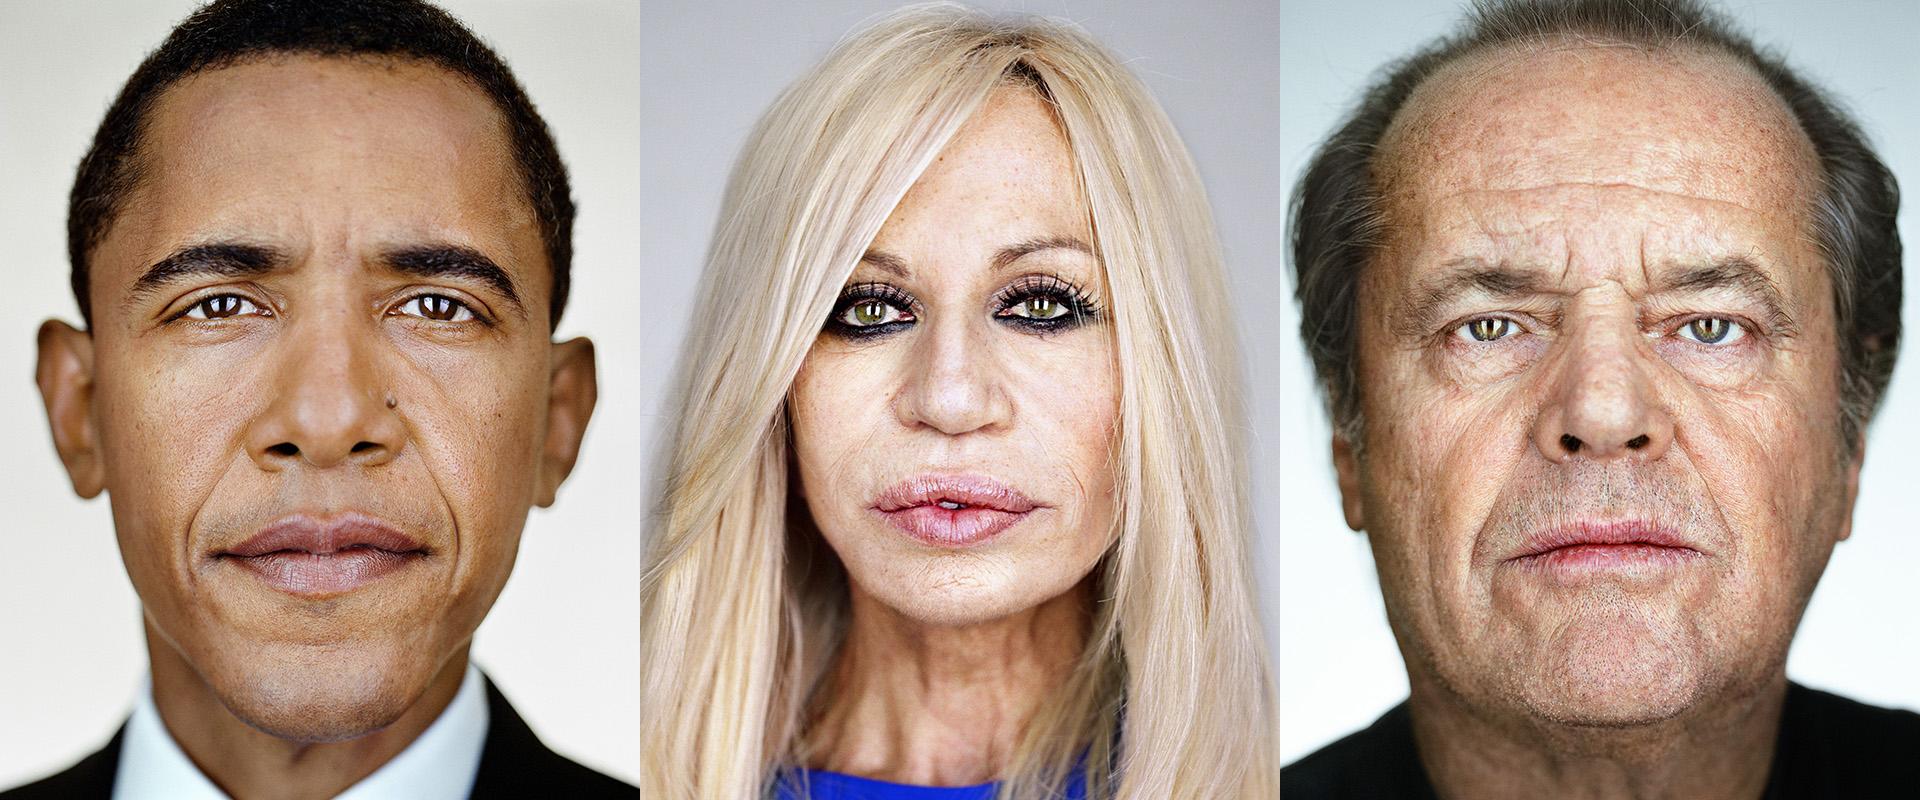 martin-schoeller-obama-versace-nicholson-big-heads